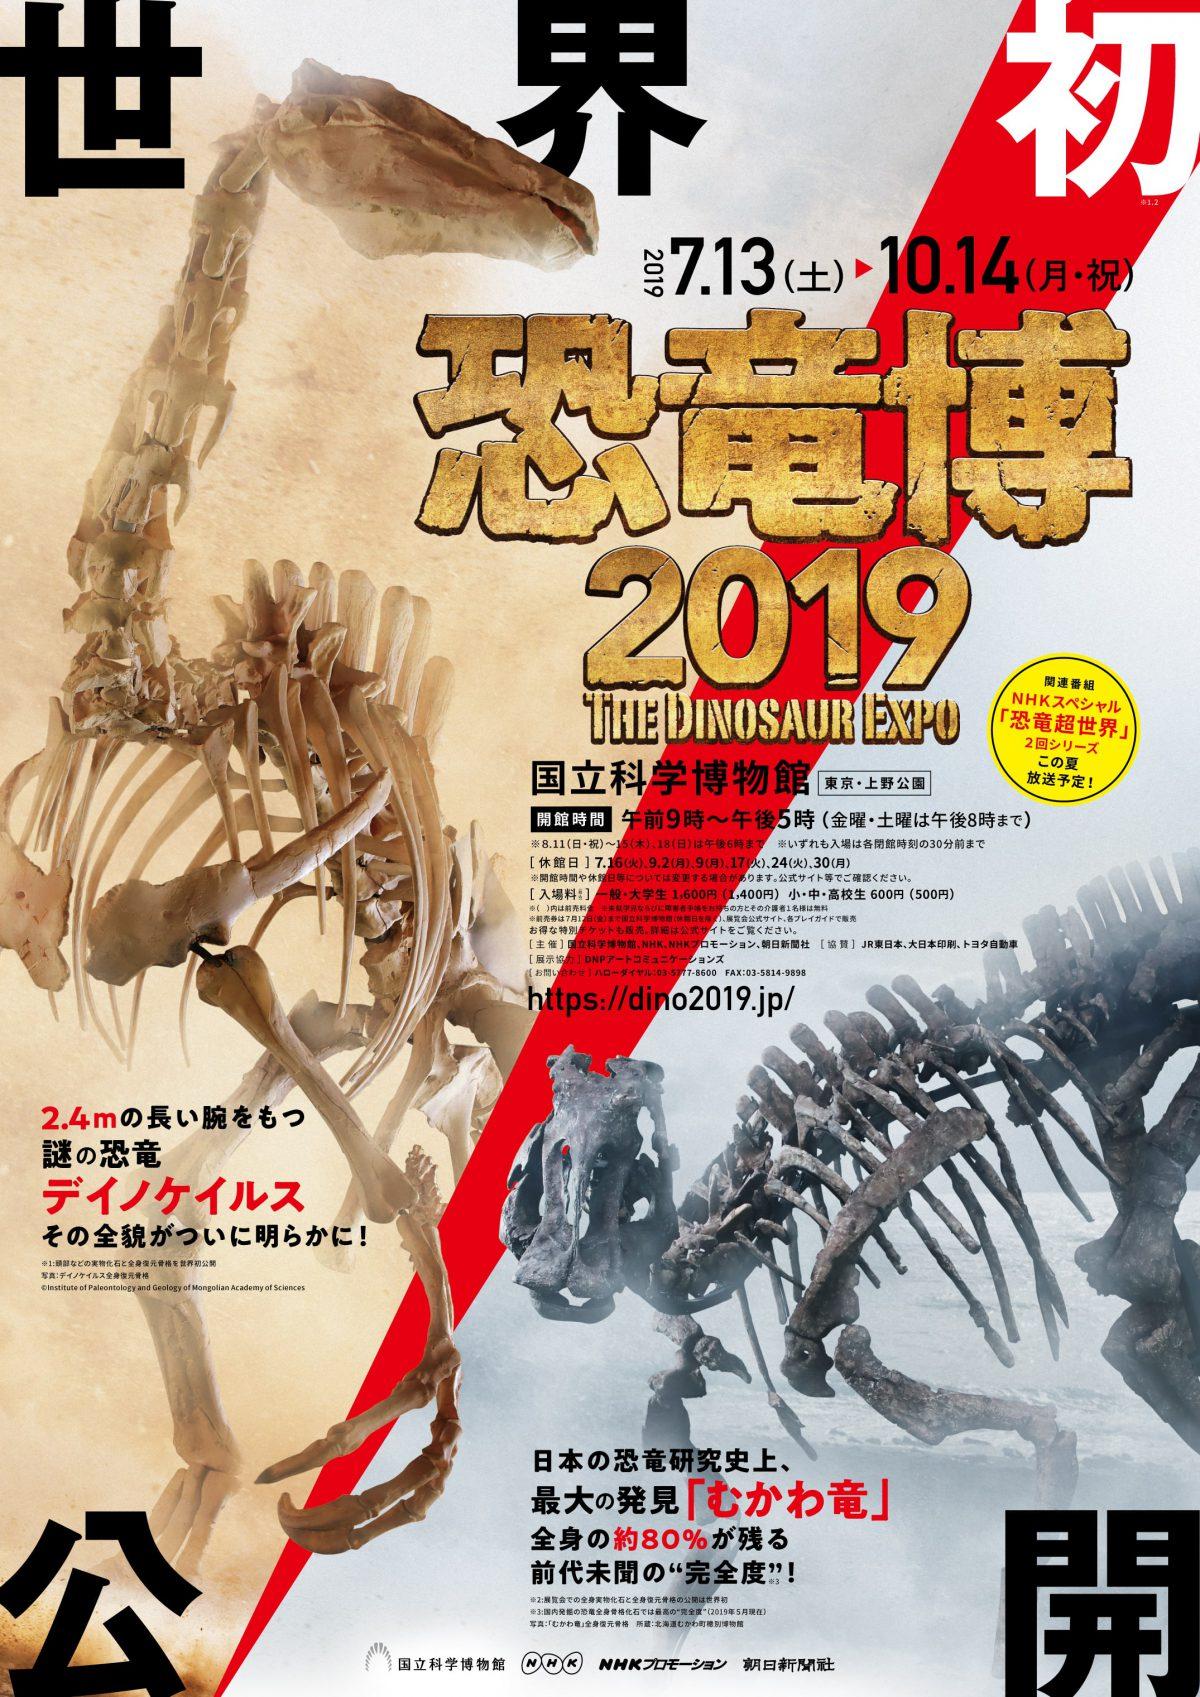 恐竜 超 世界 再 放送